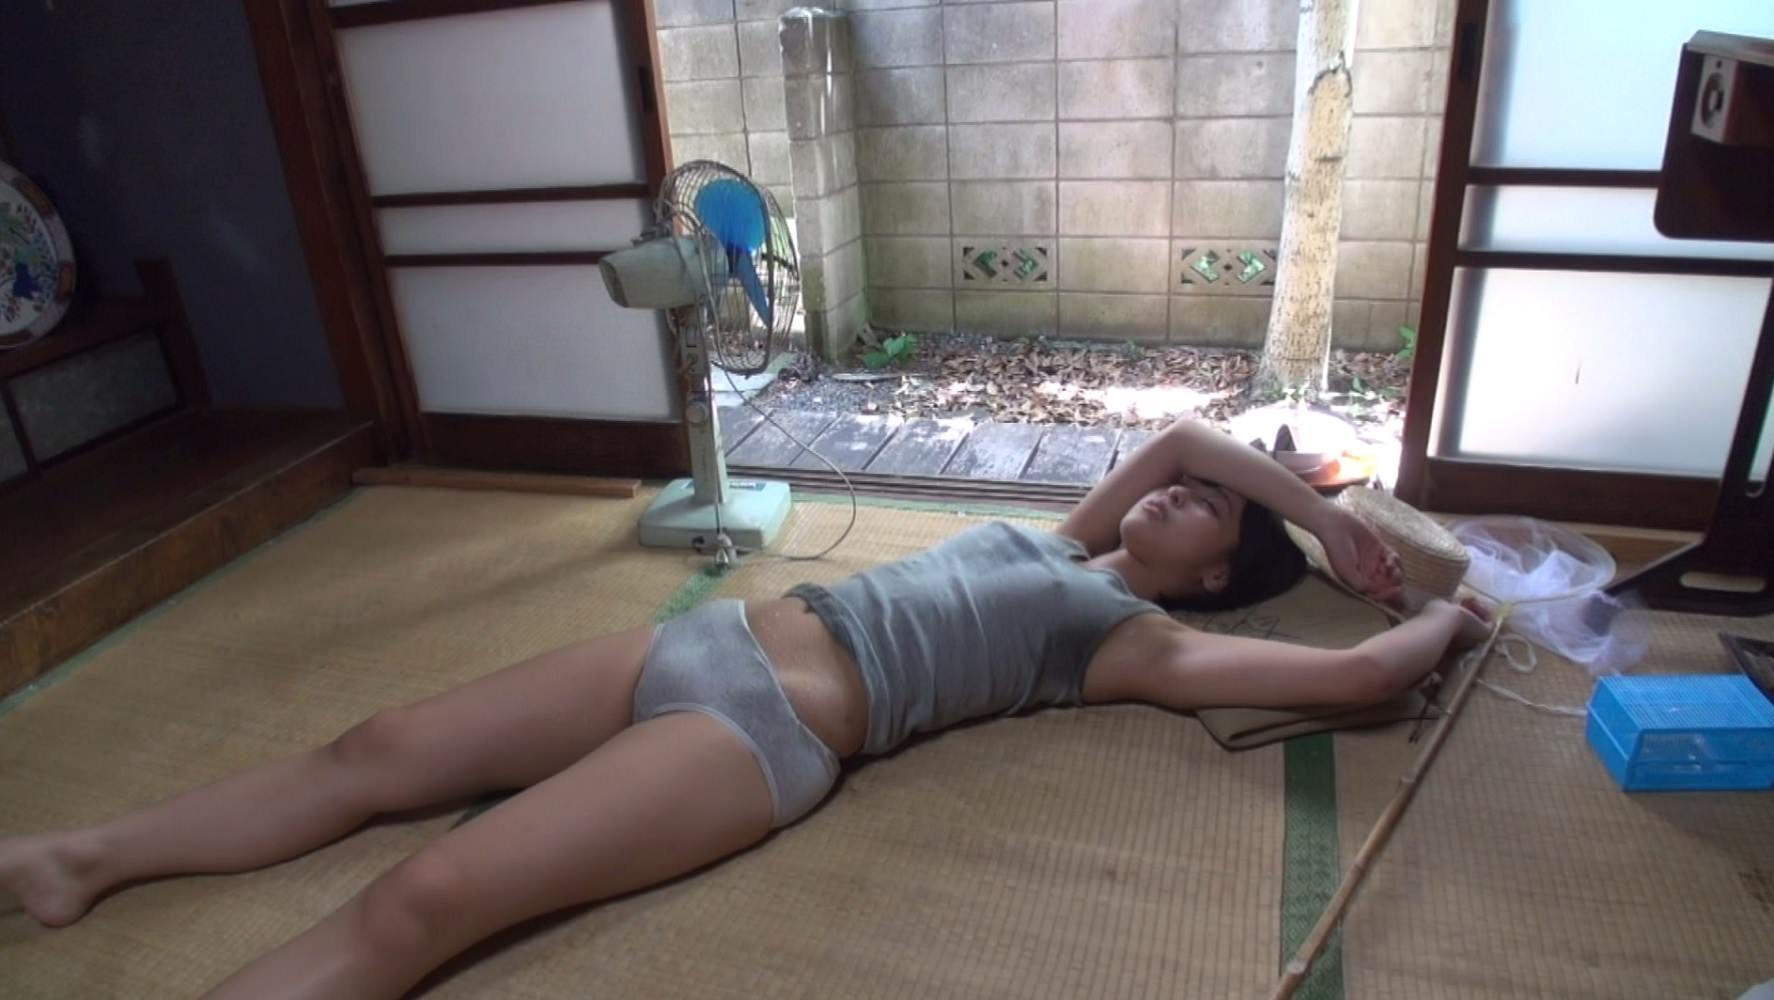 【画像】この縁側で寝てるHな女の子たちにしたいことwww